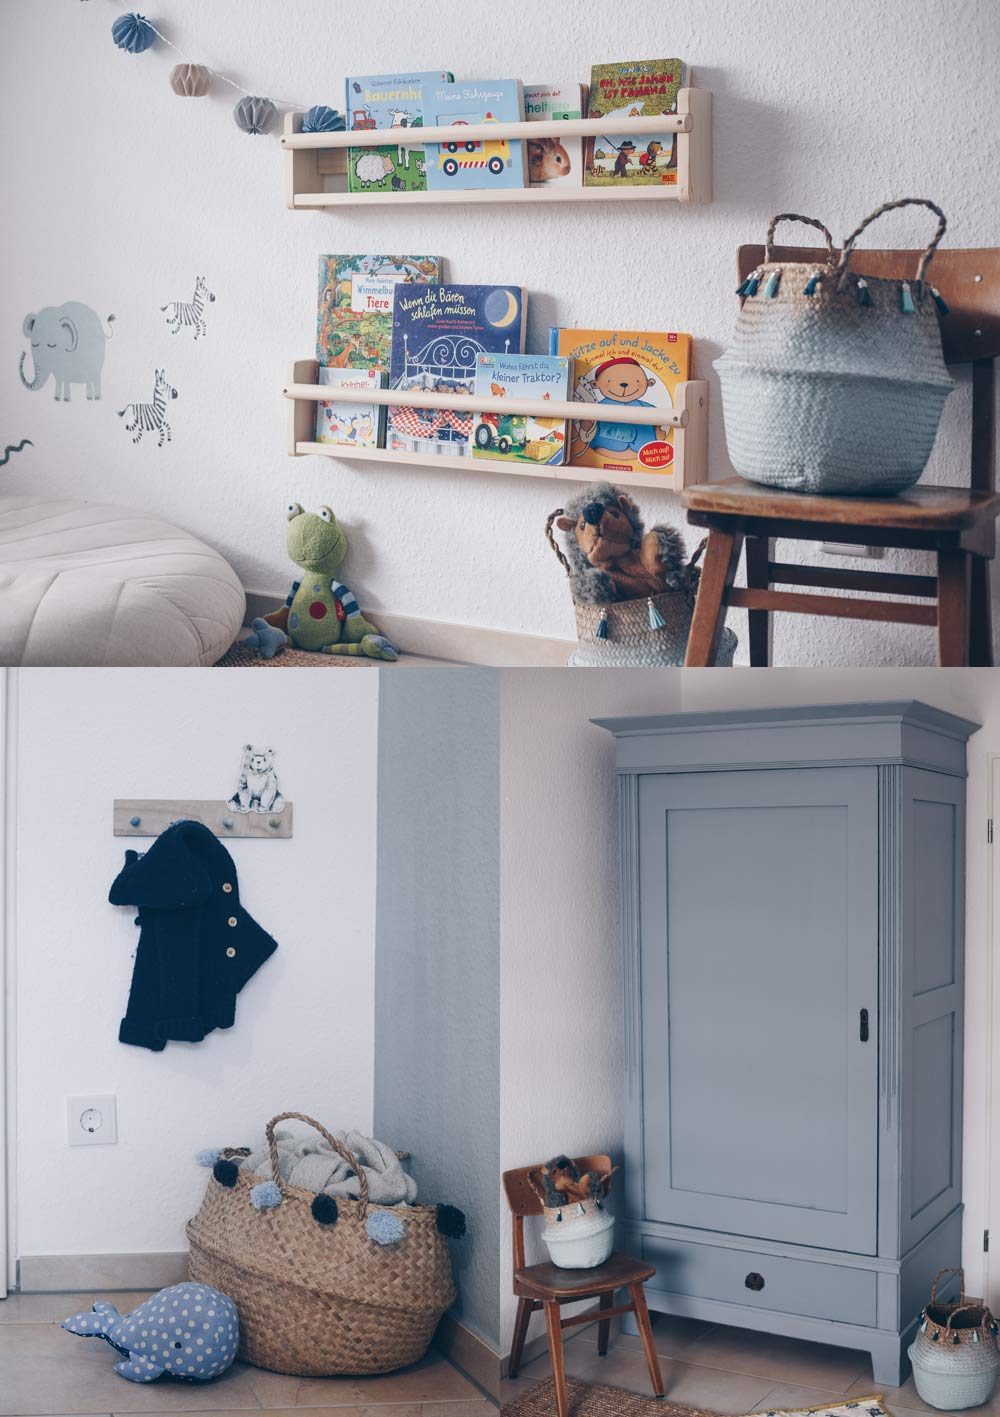 kinderzimmerschrank upcycling und kinderzimmer roomtour. Black Bedroom Furniture Sets. Home Design Ideas